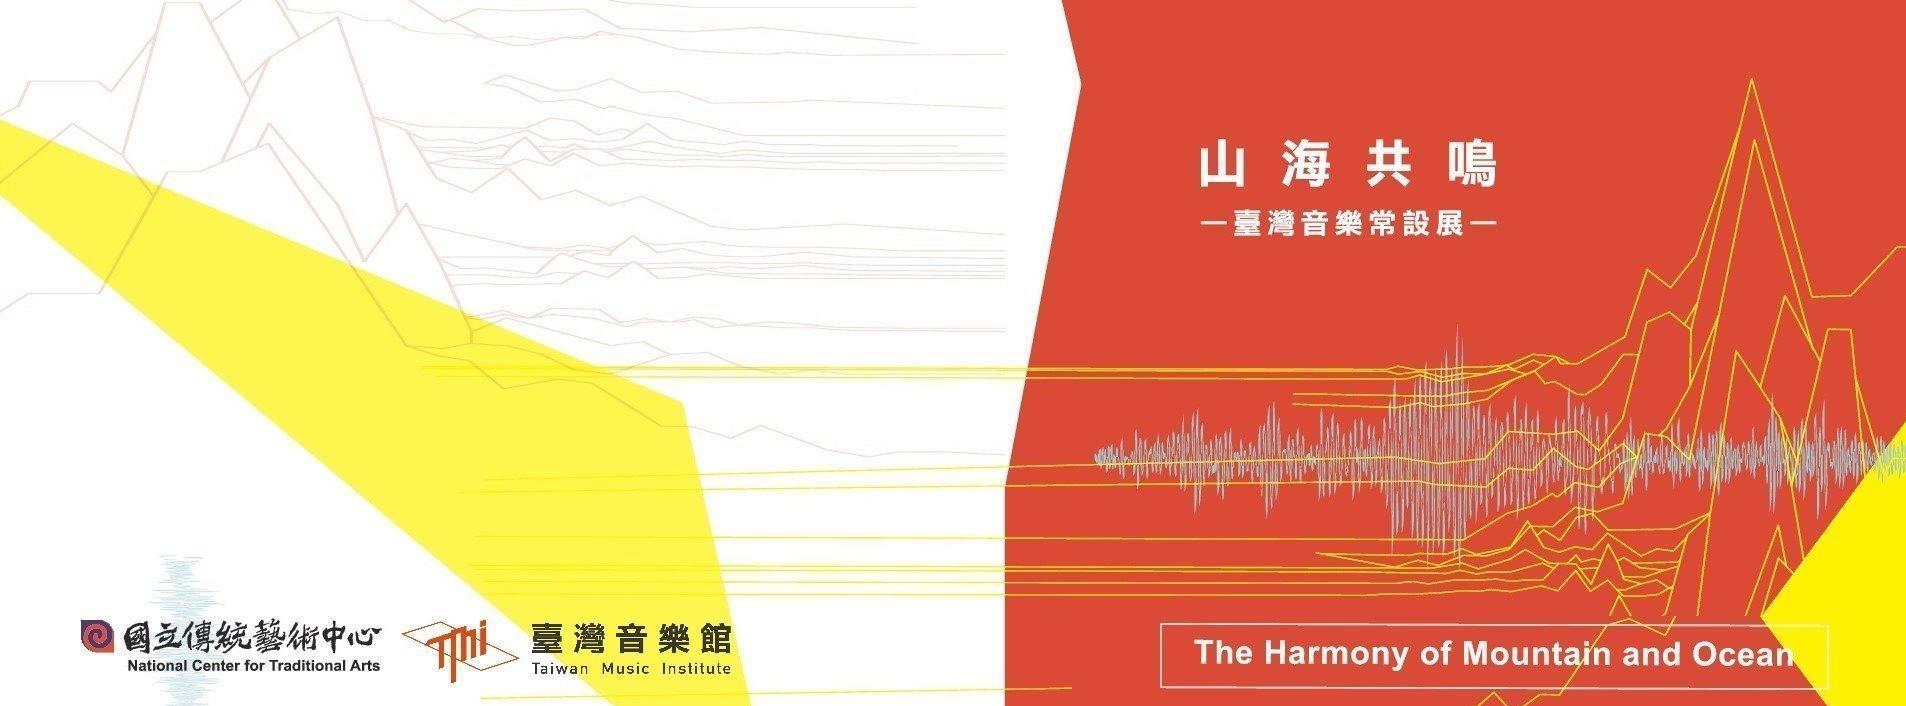 台湾音楽バーチャル展示ホール「新しいウィンドウを開く」